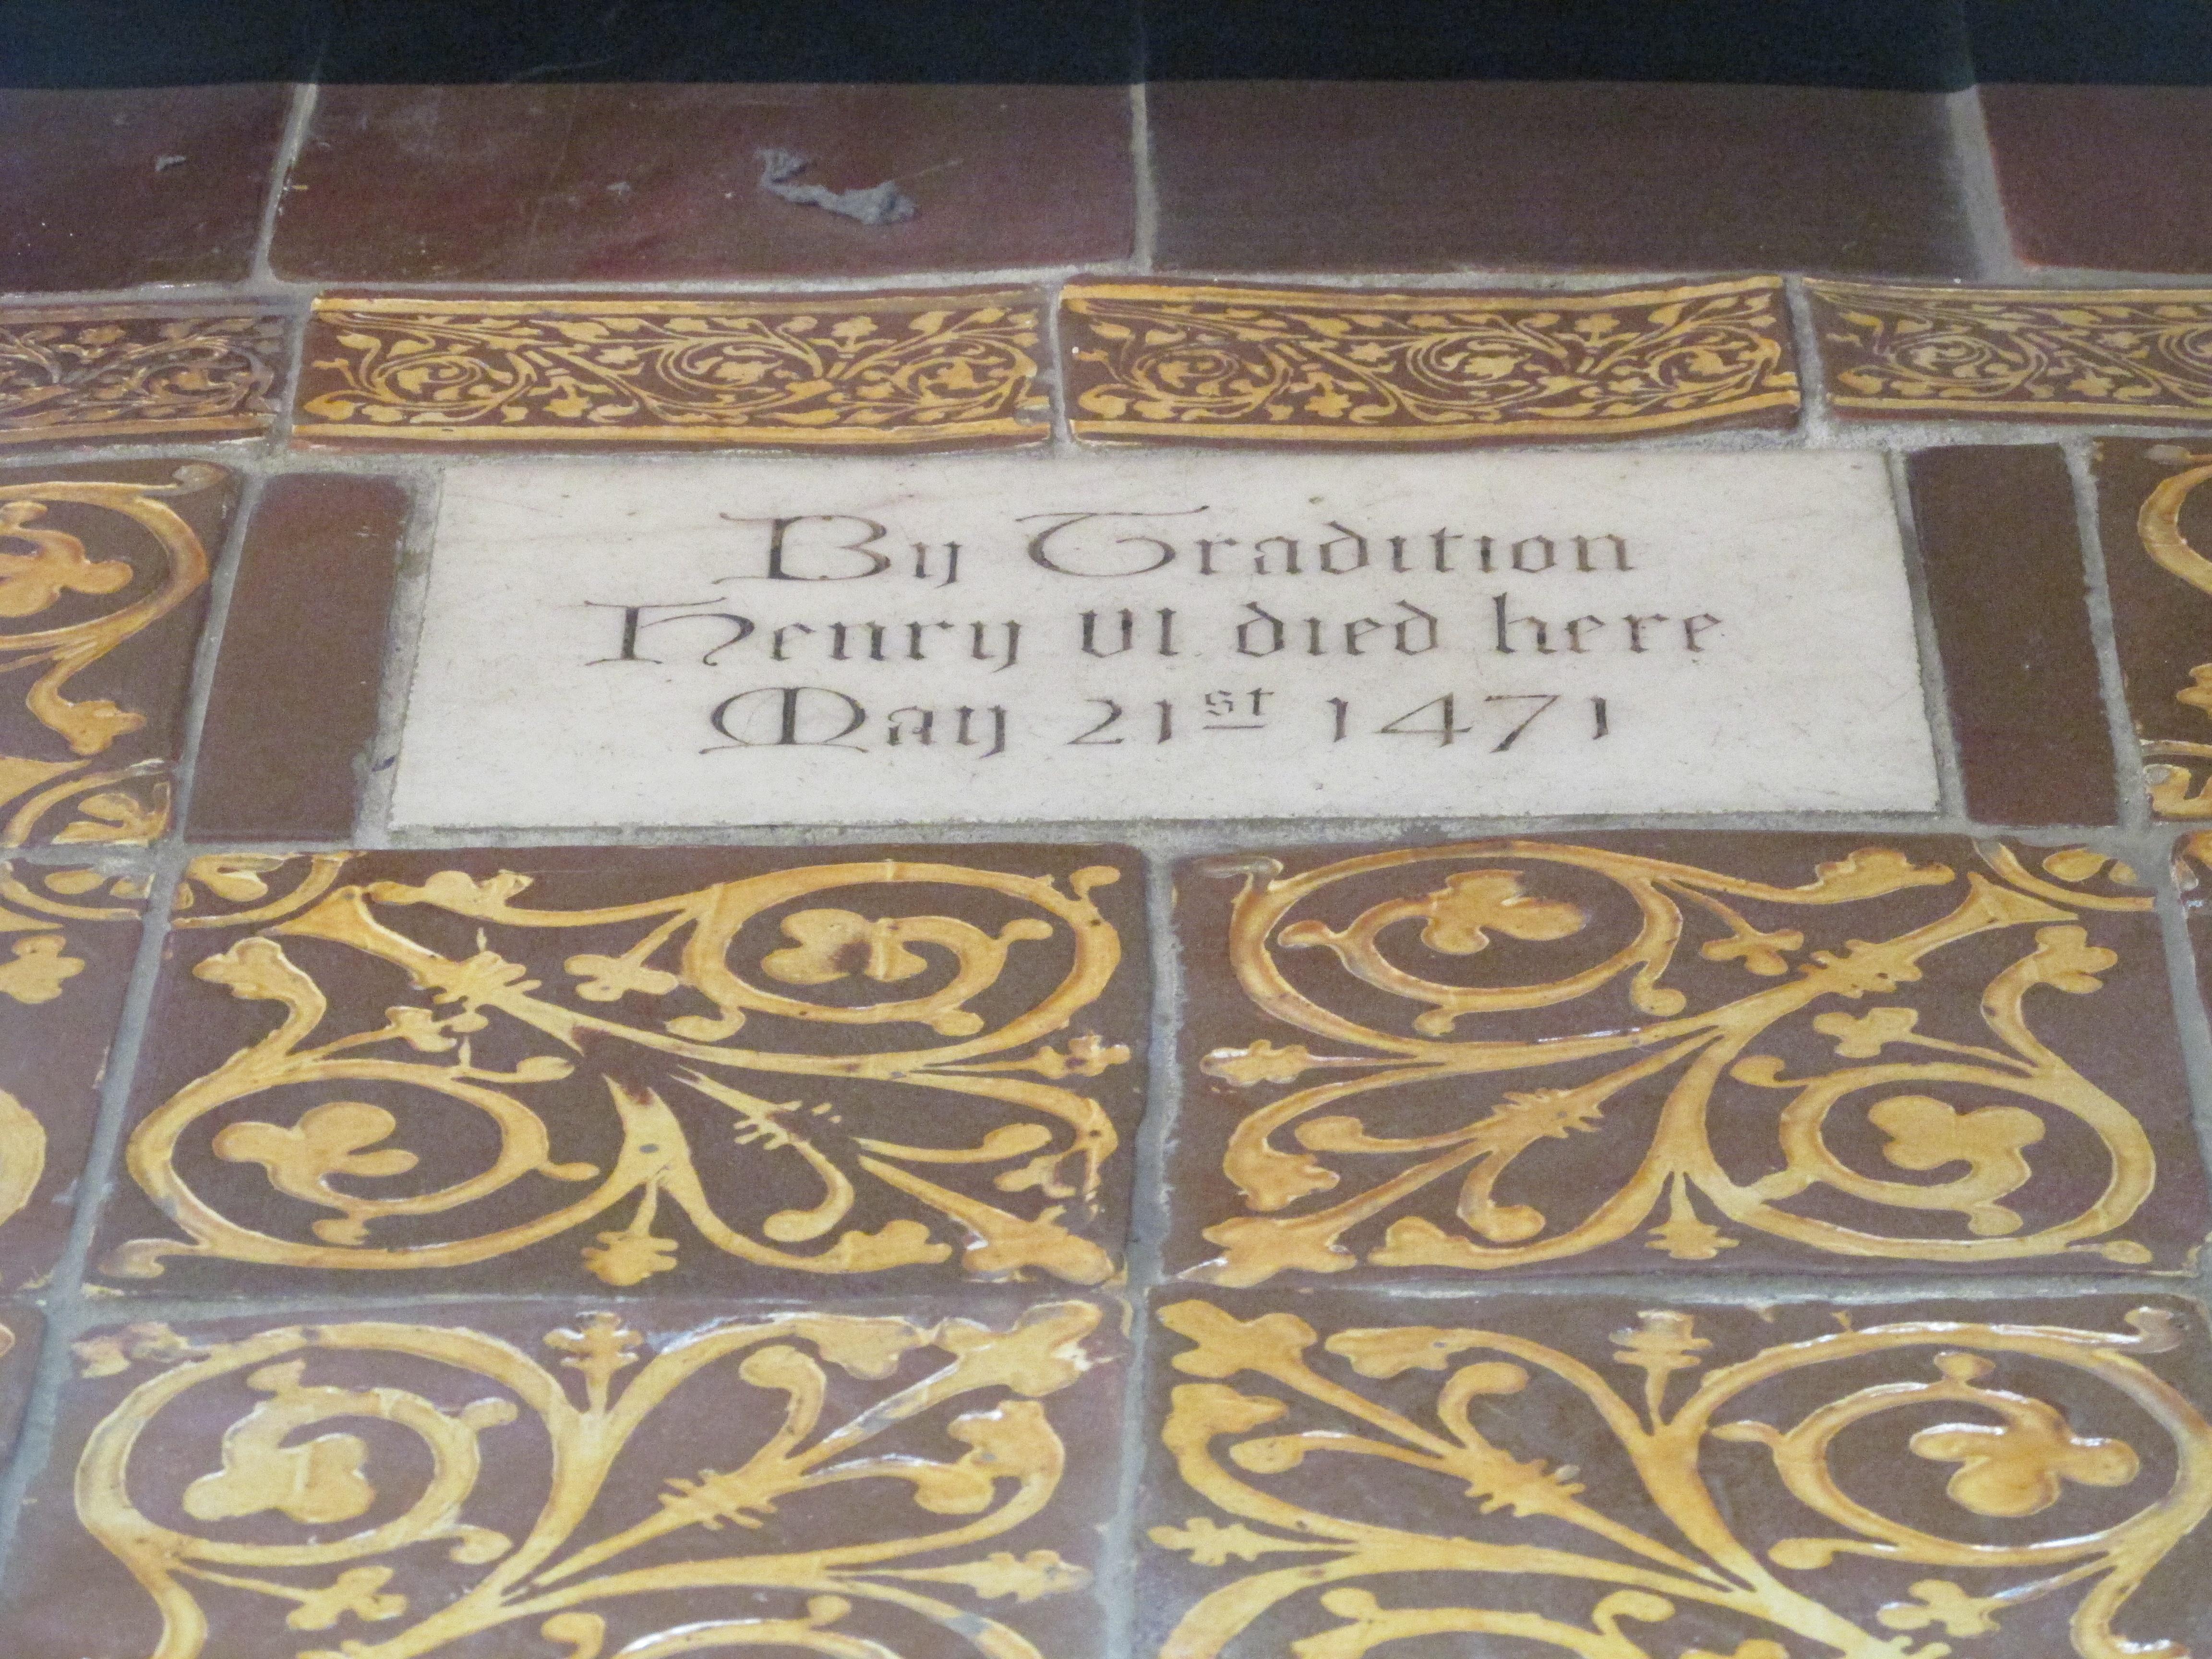 IMG 1775 - Visitando la Torre de Londres